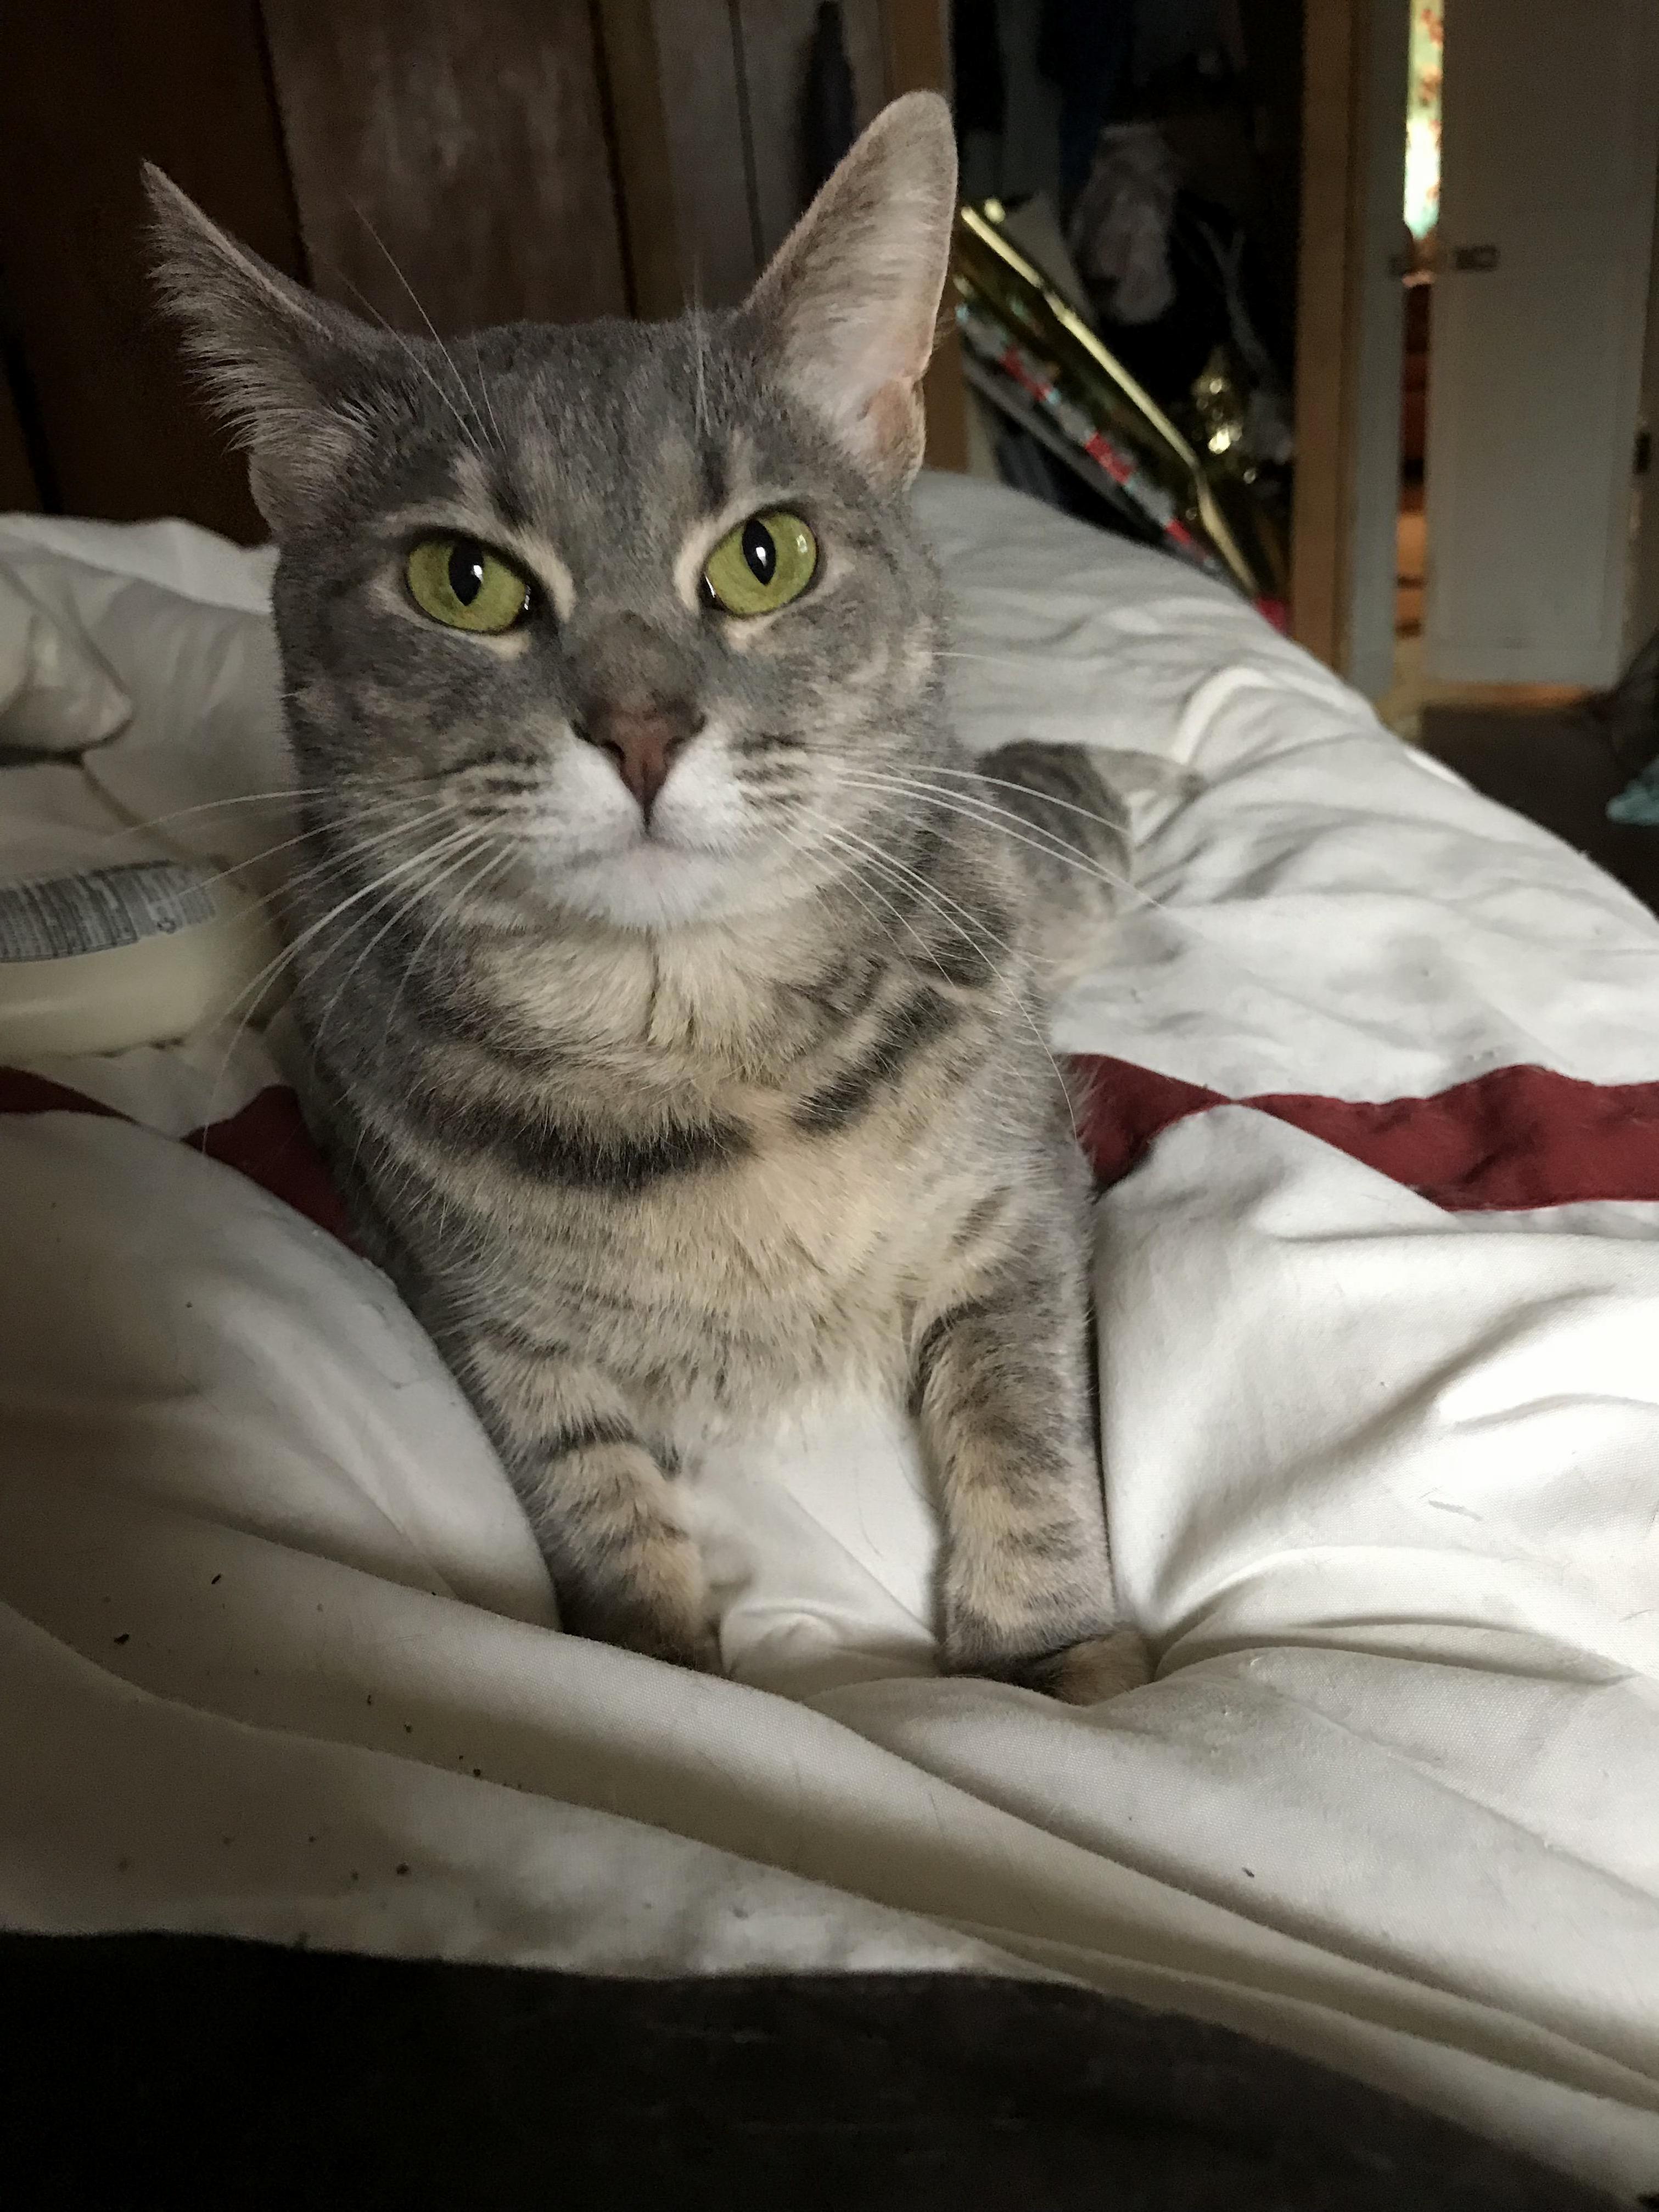 My cat mia